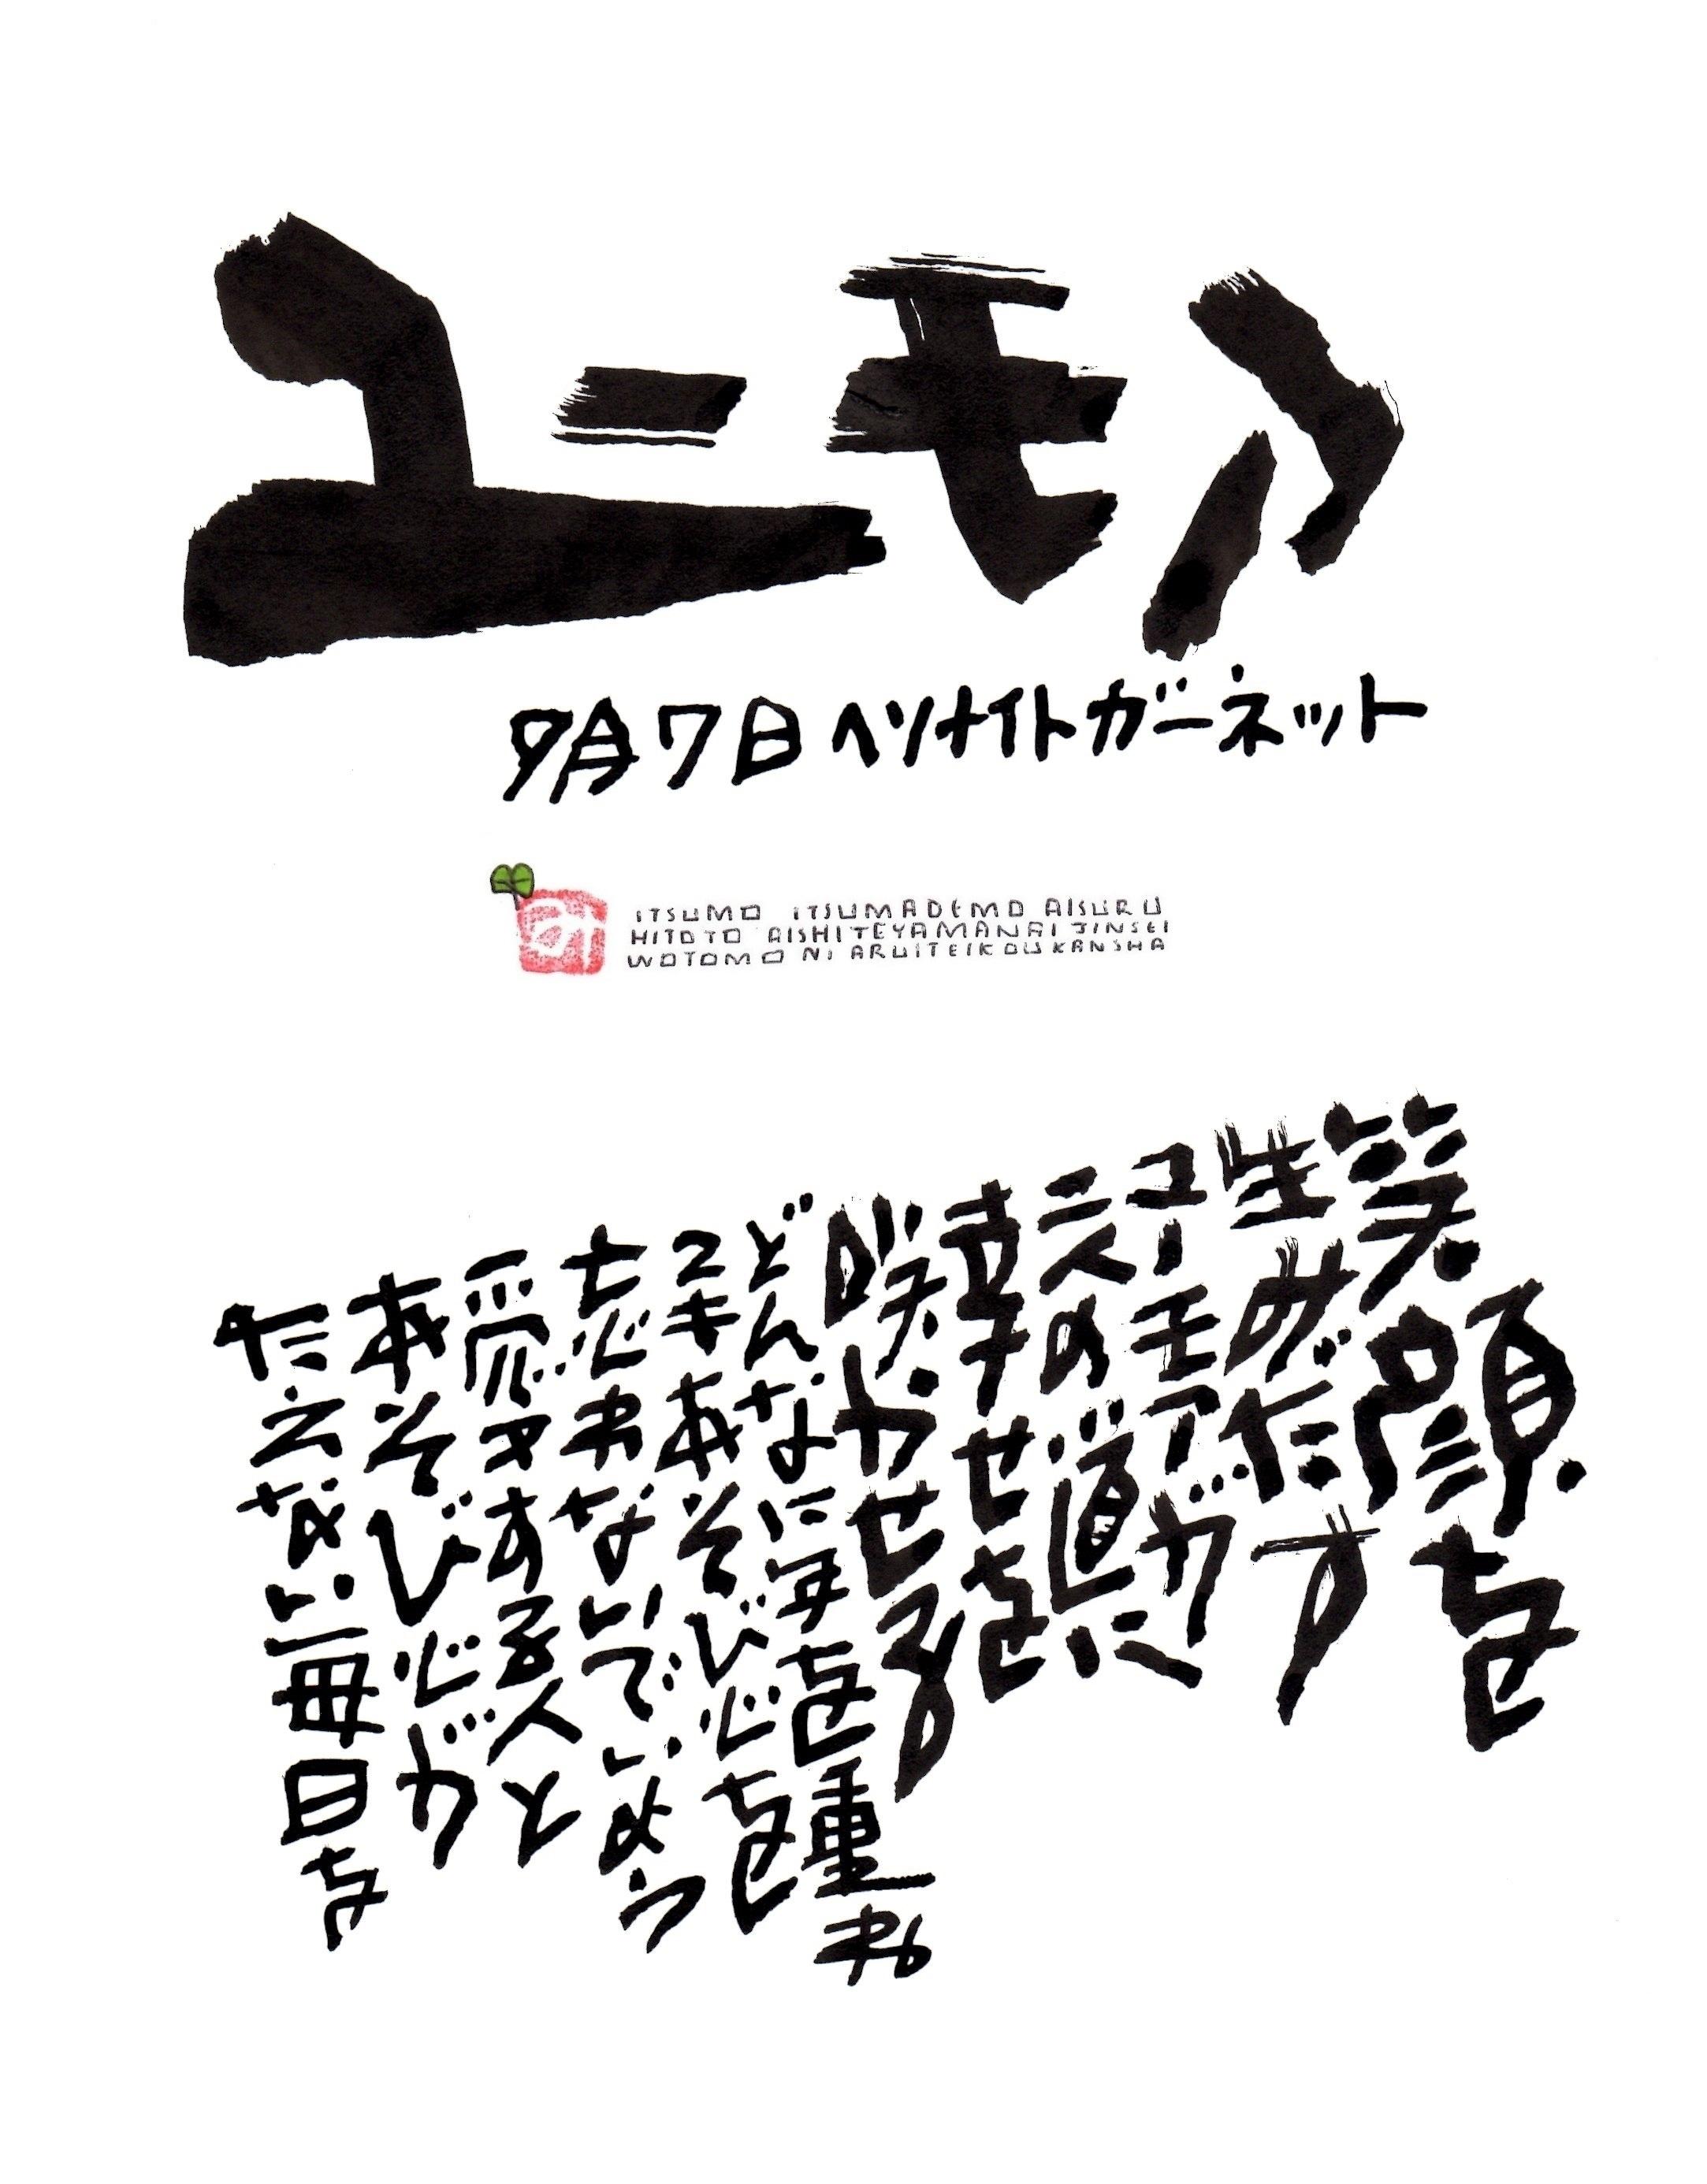 9月7日 結婚記念日ポストカード【ユーモア】